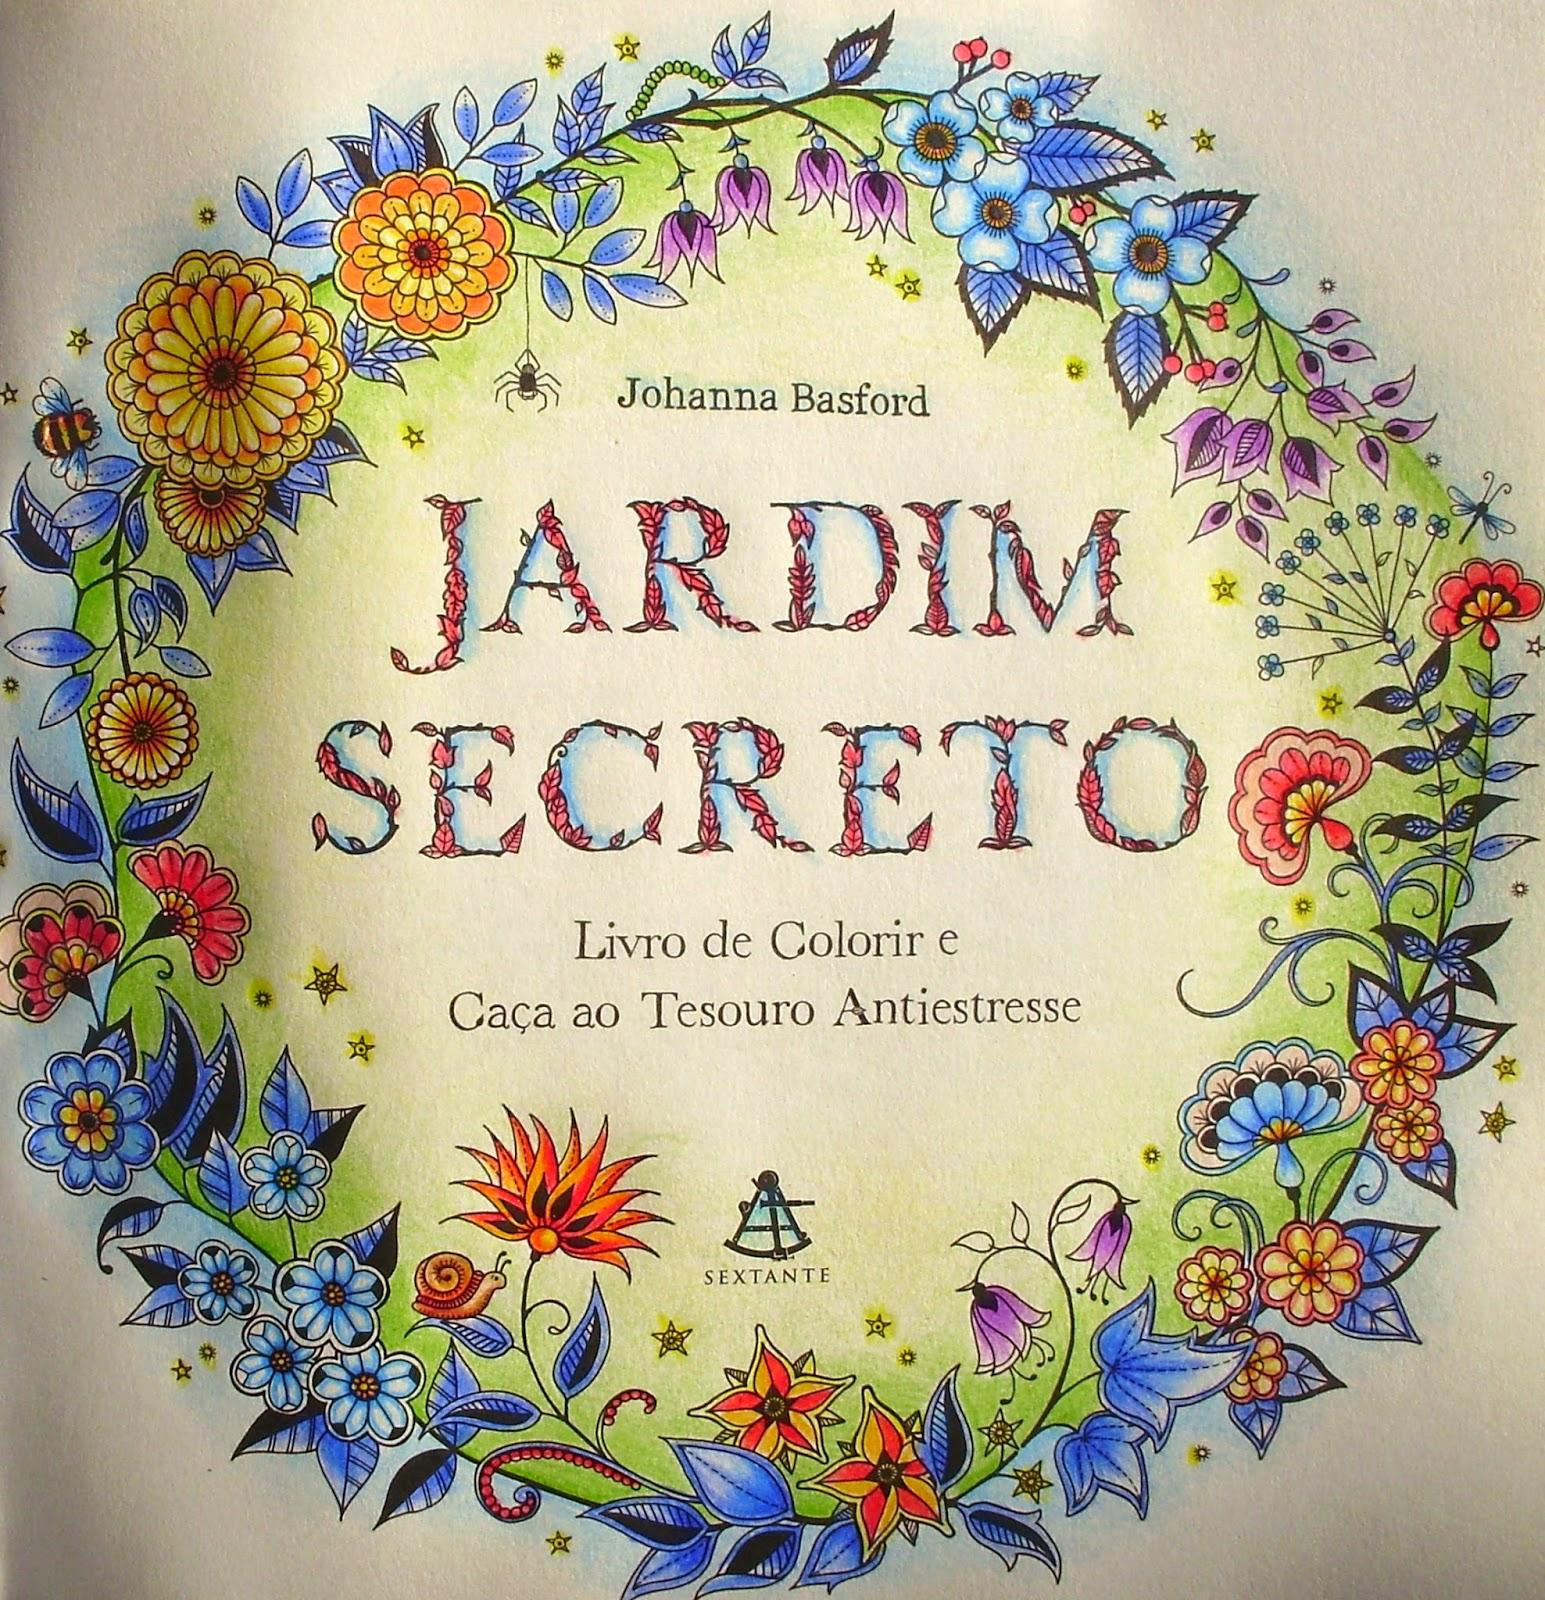 fotos jardim secreto:Jardim Secreto